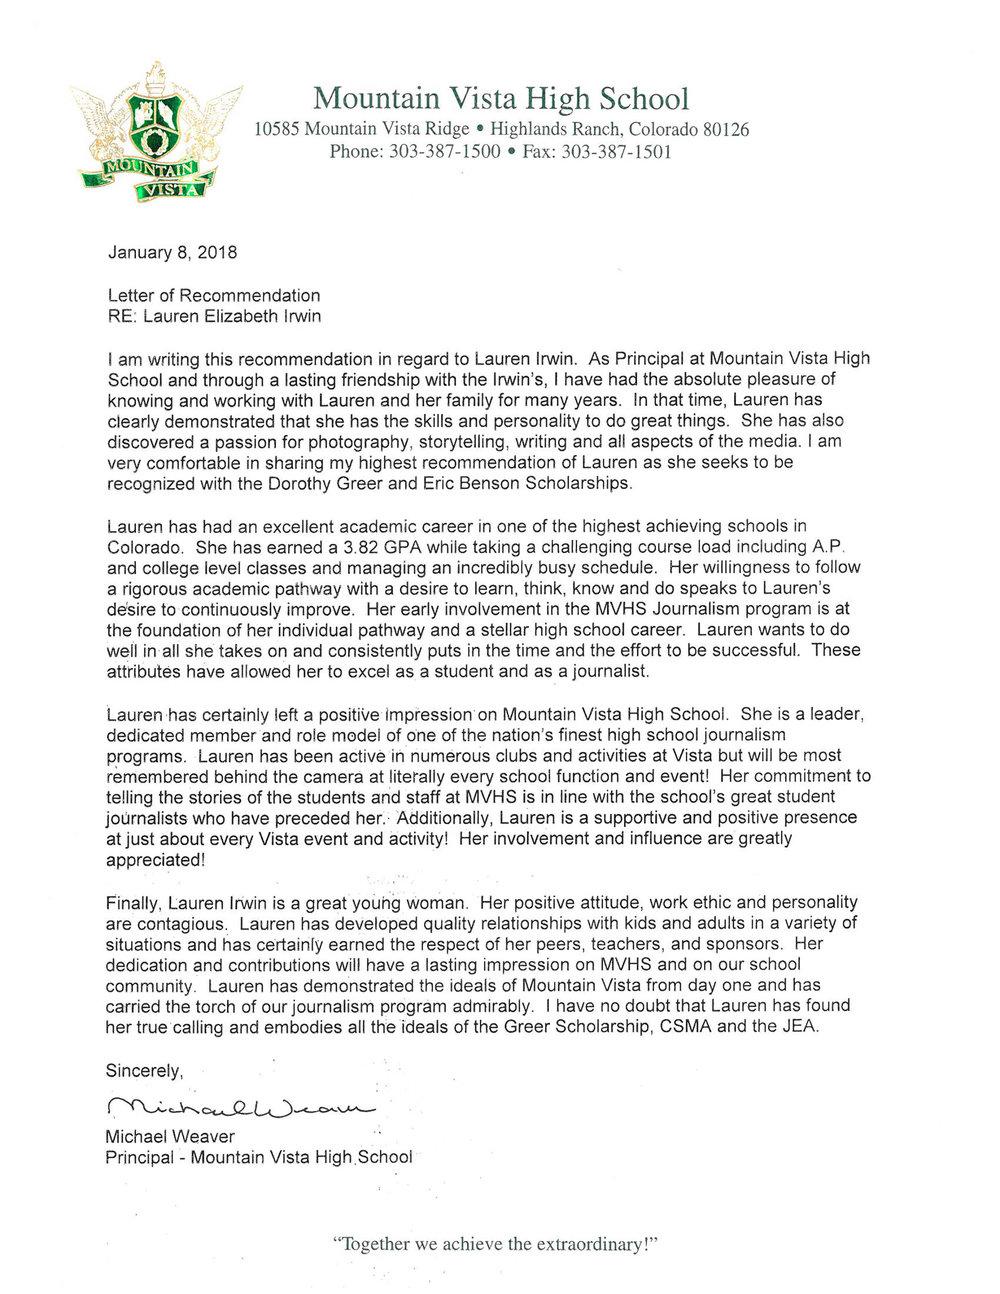 Lauren Irwin Letter of Recc (2).jpg